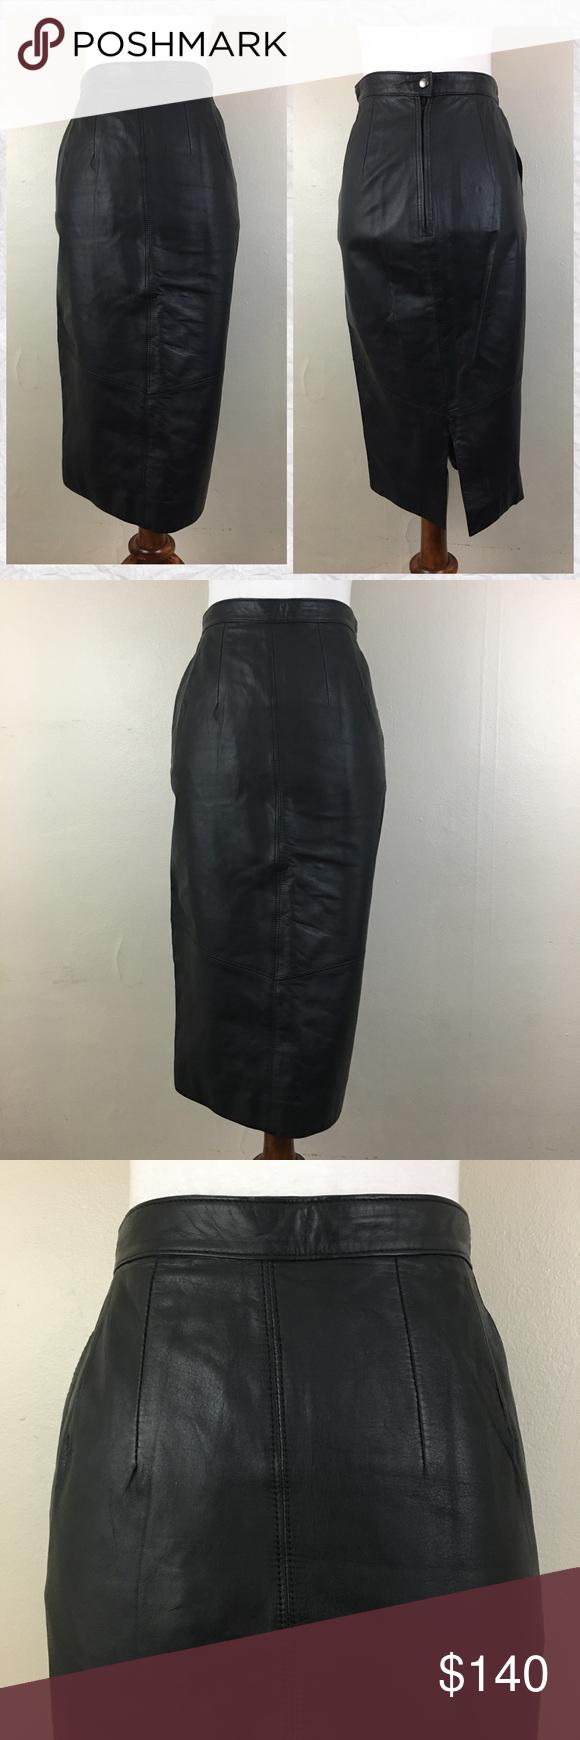 Us vintage pelle cuir leather midi pencil skirt pinterest midi